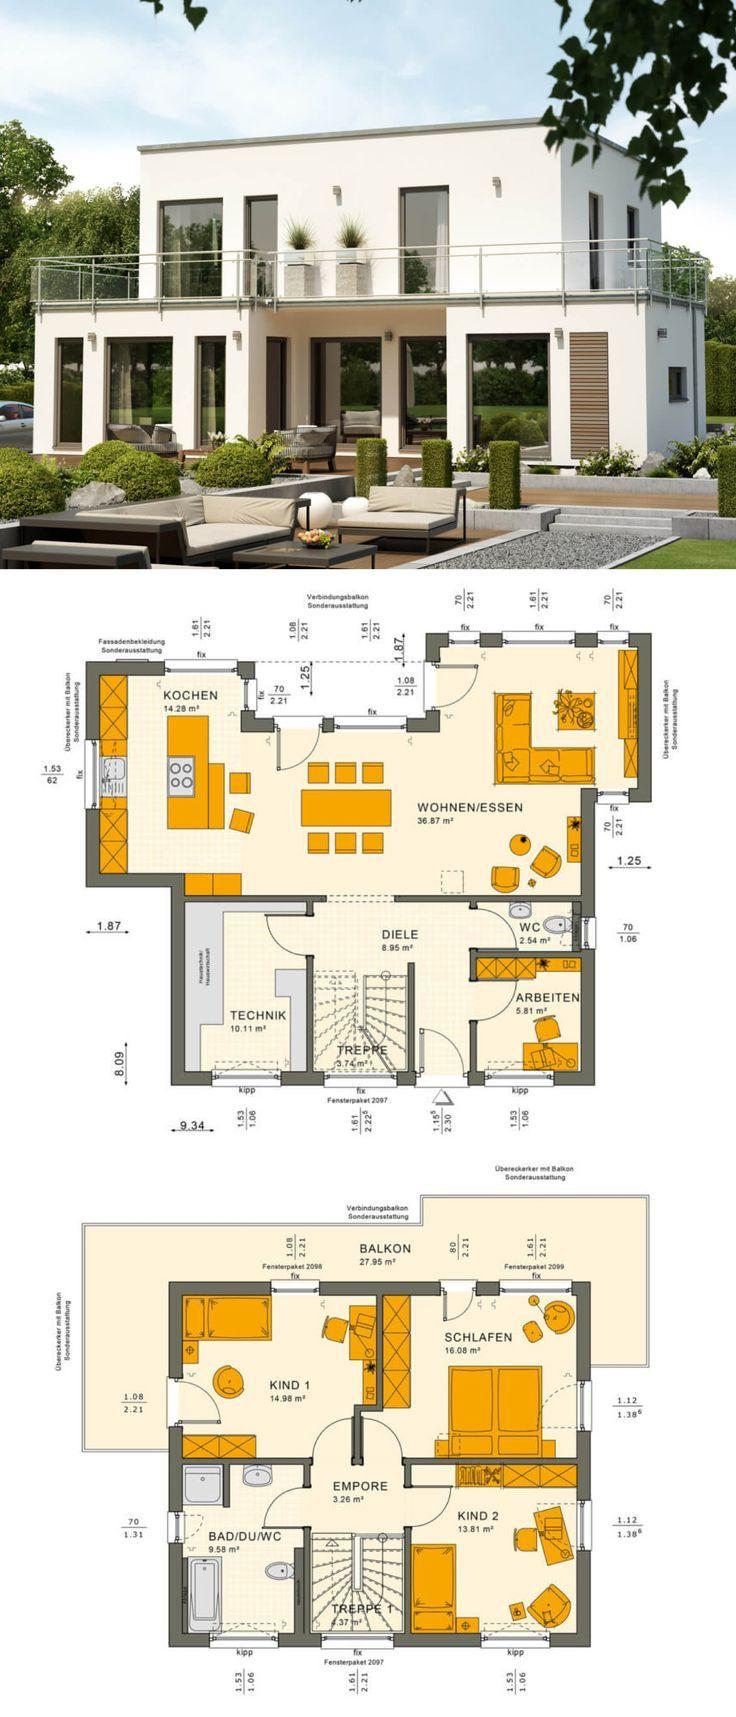 Bauhaus Stadtvilla Modern Neubau Mit Flachdach Architektur Im Bauhausstil    Einfamilienhaus Bauen Grundriss Ideen Fertighaus Sunshine 125 V7 Von Living  Haus ...